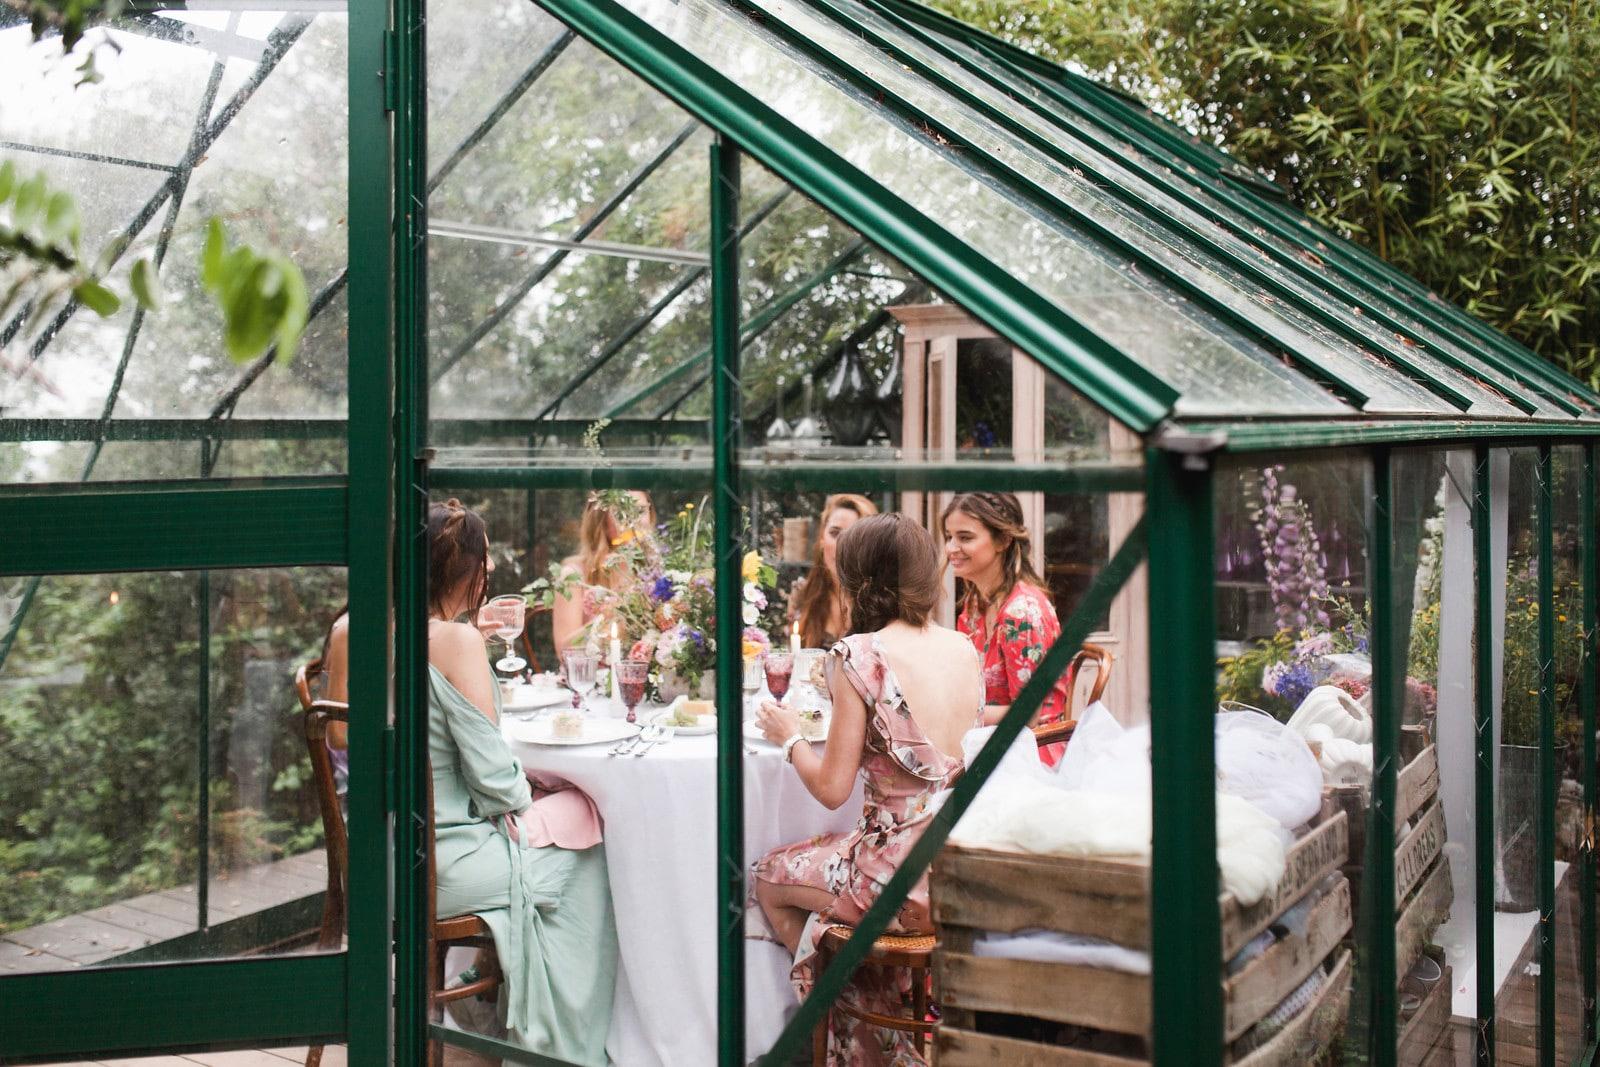 Bridal party de Laura Escanes: Organización y diseño de The Nice Weddings. Fotografía de Lara López Photography. Localización y diseño floral de Gang and the Wool.